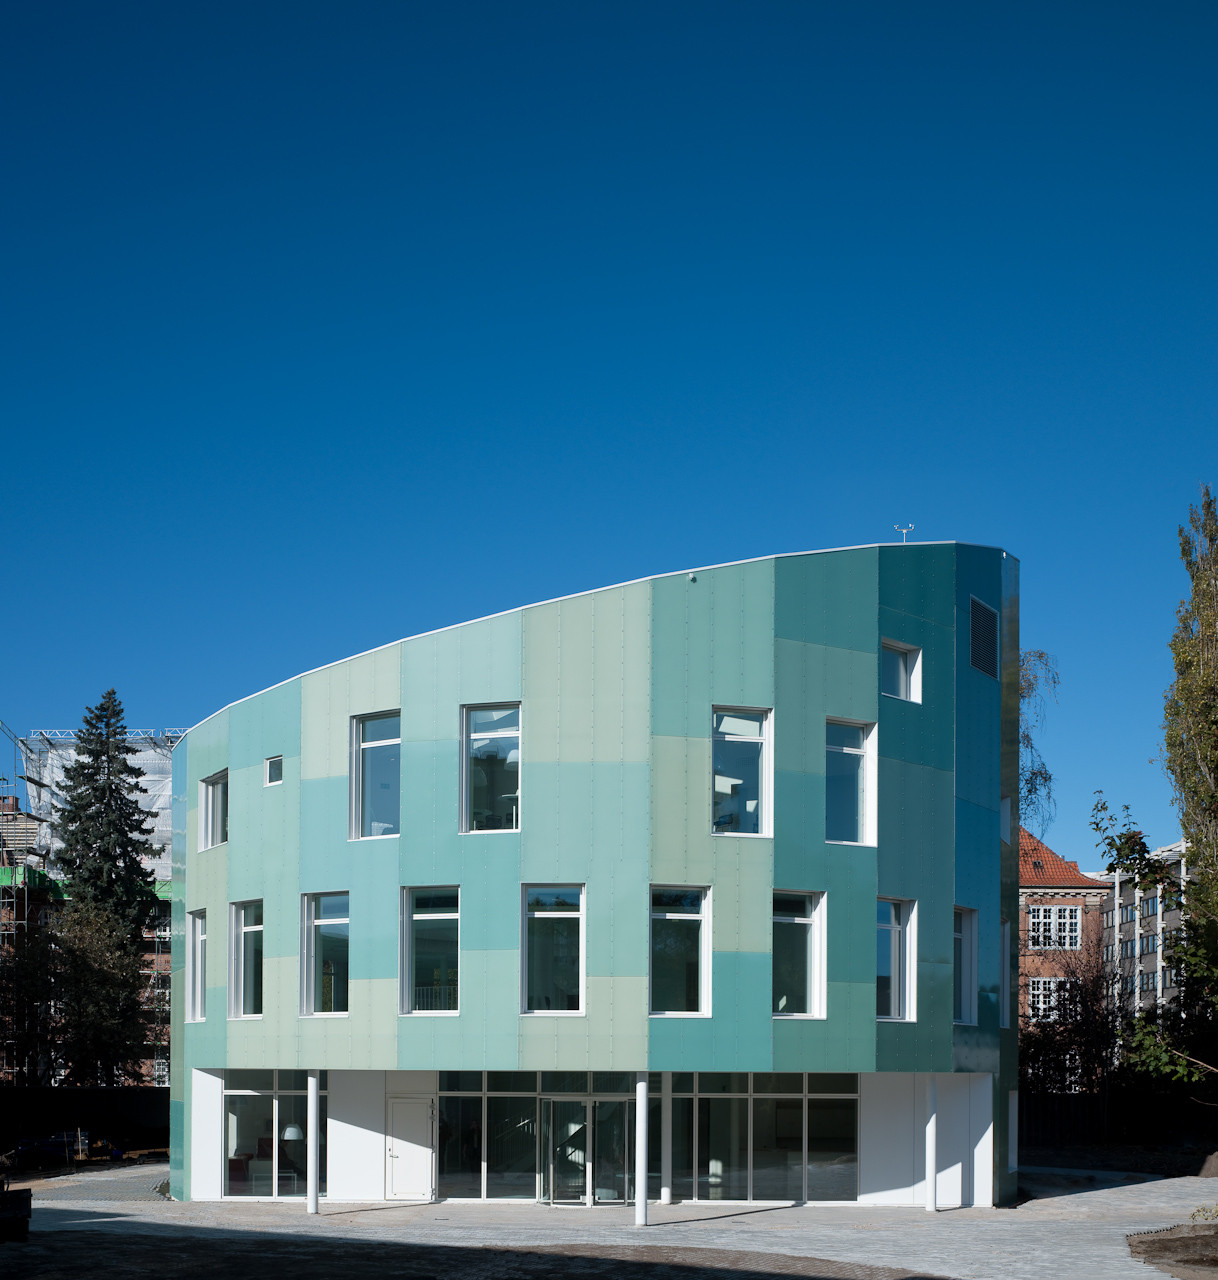 Green Lighthouse, Carbon Neutral Faculty building / Christensen & Co Arkitekter, © Adam Mørk